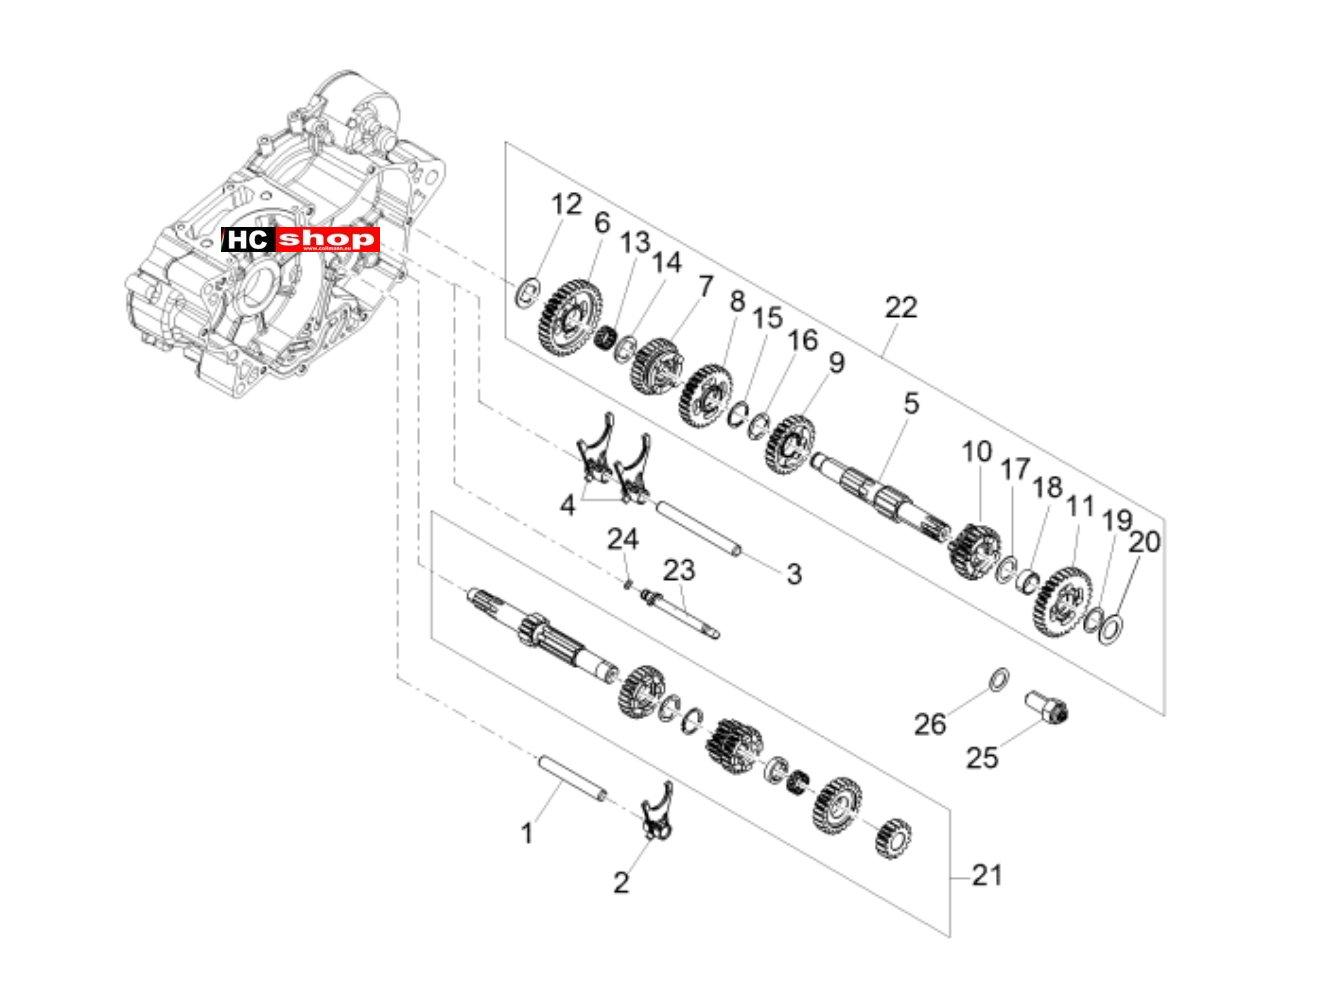 Aprilia Tuono 125 4T E4 ABS Motor Schaltgetriebe Zahnräder